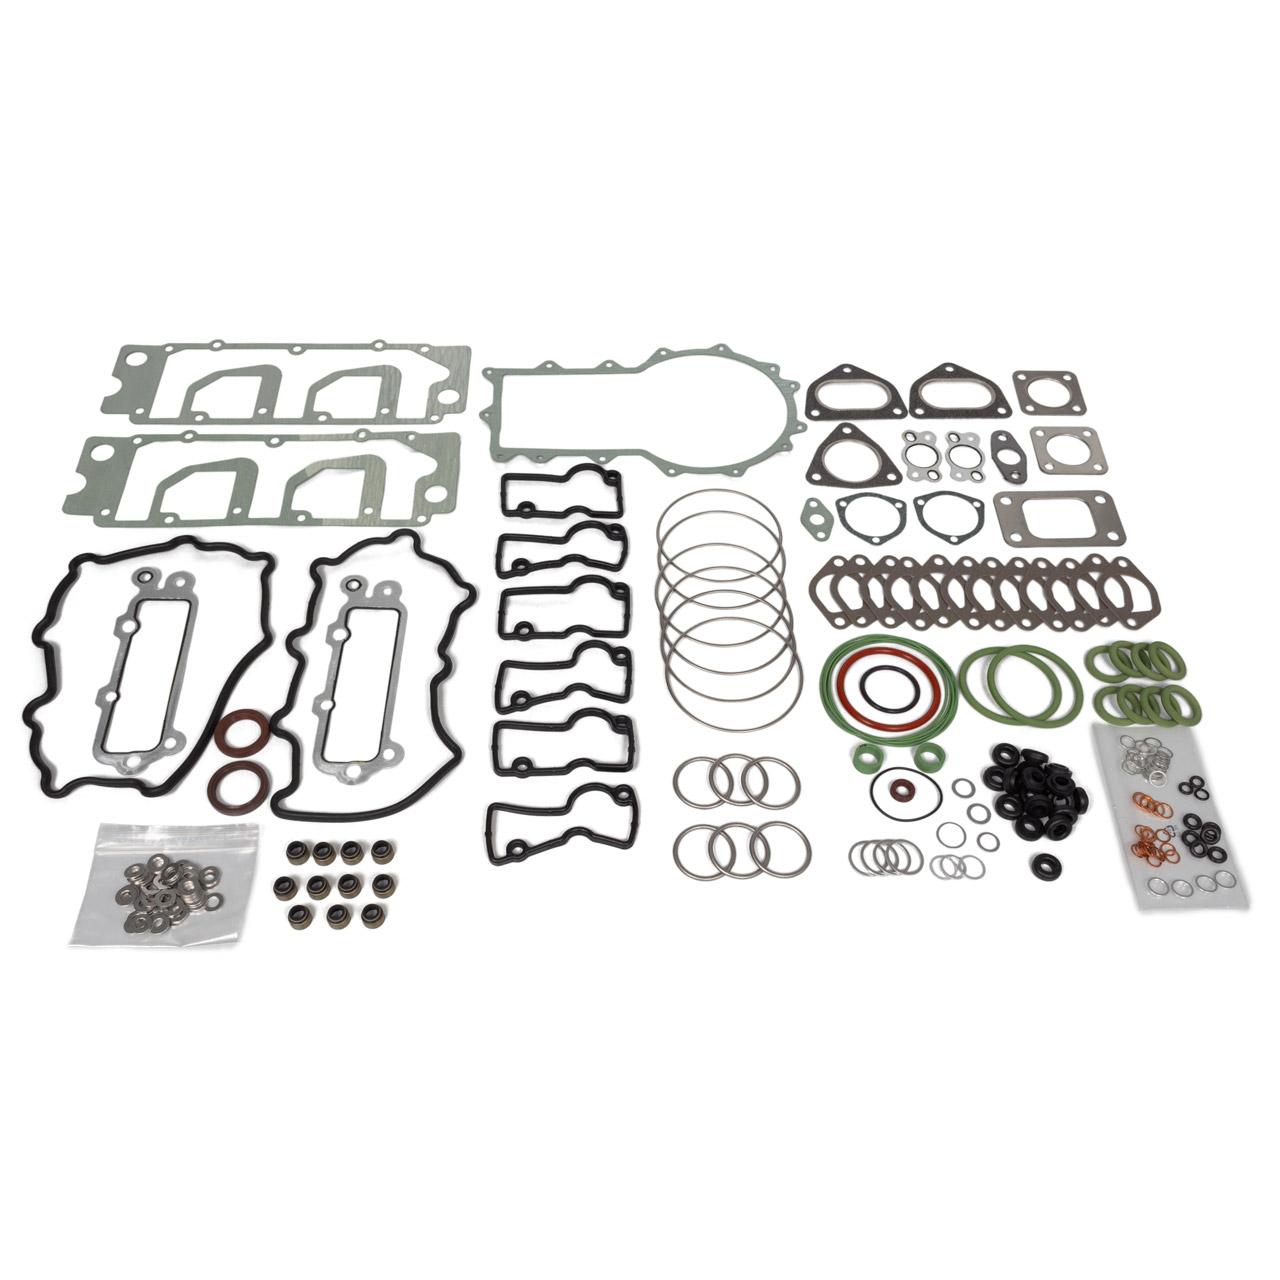 Zylinderkopfdichtung Satz PORSCHE 964 3.6 Turbo 360 PS 96410090800